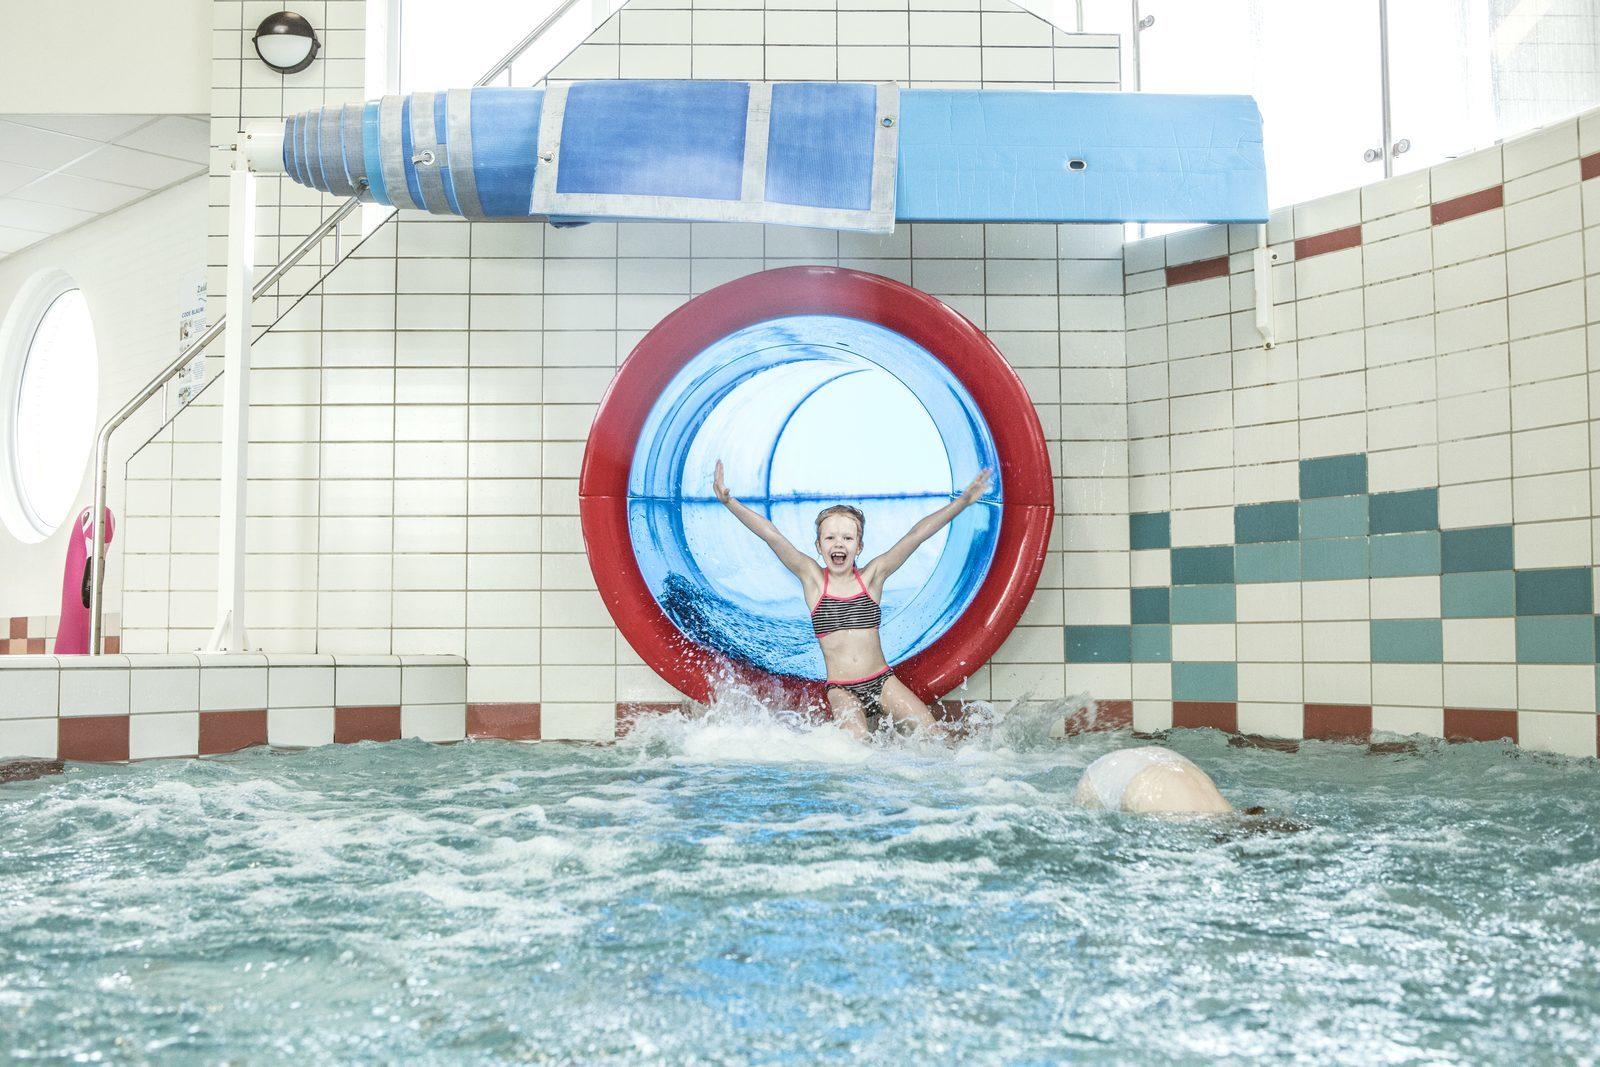 Ferienparks in den Niederlanden mit subtropischem Badeparadies